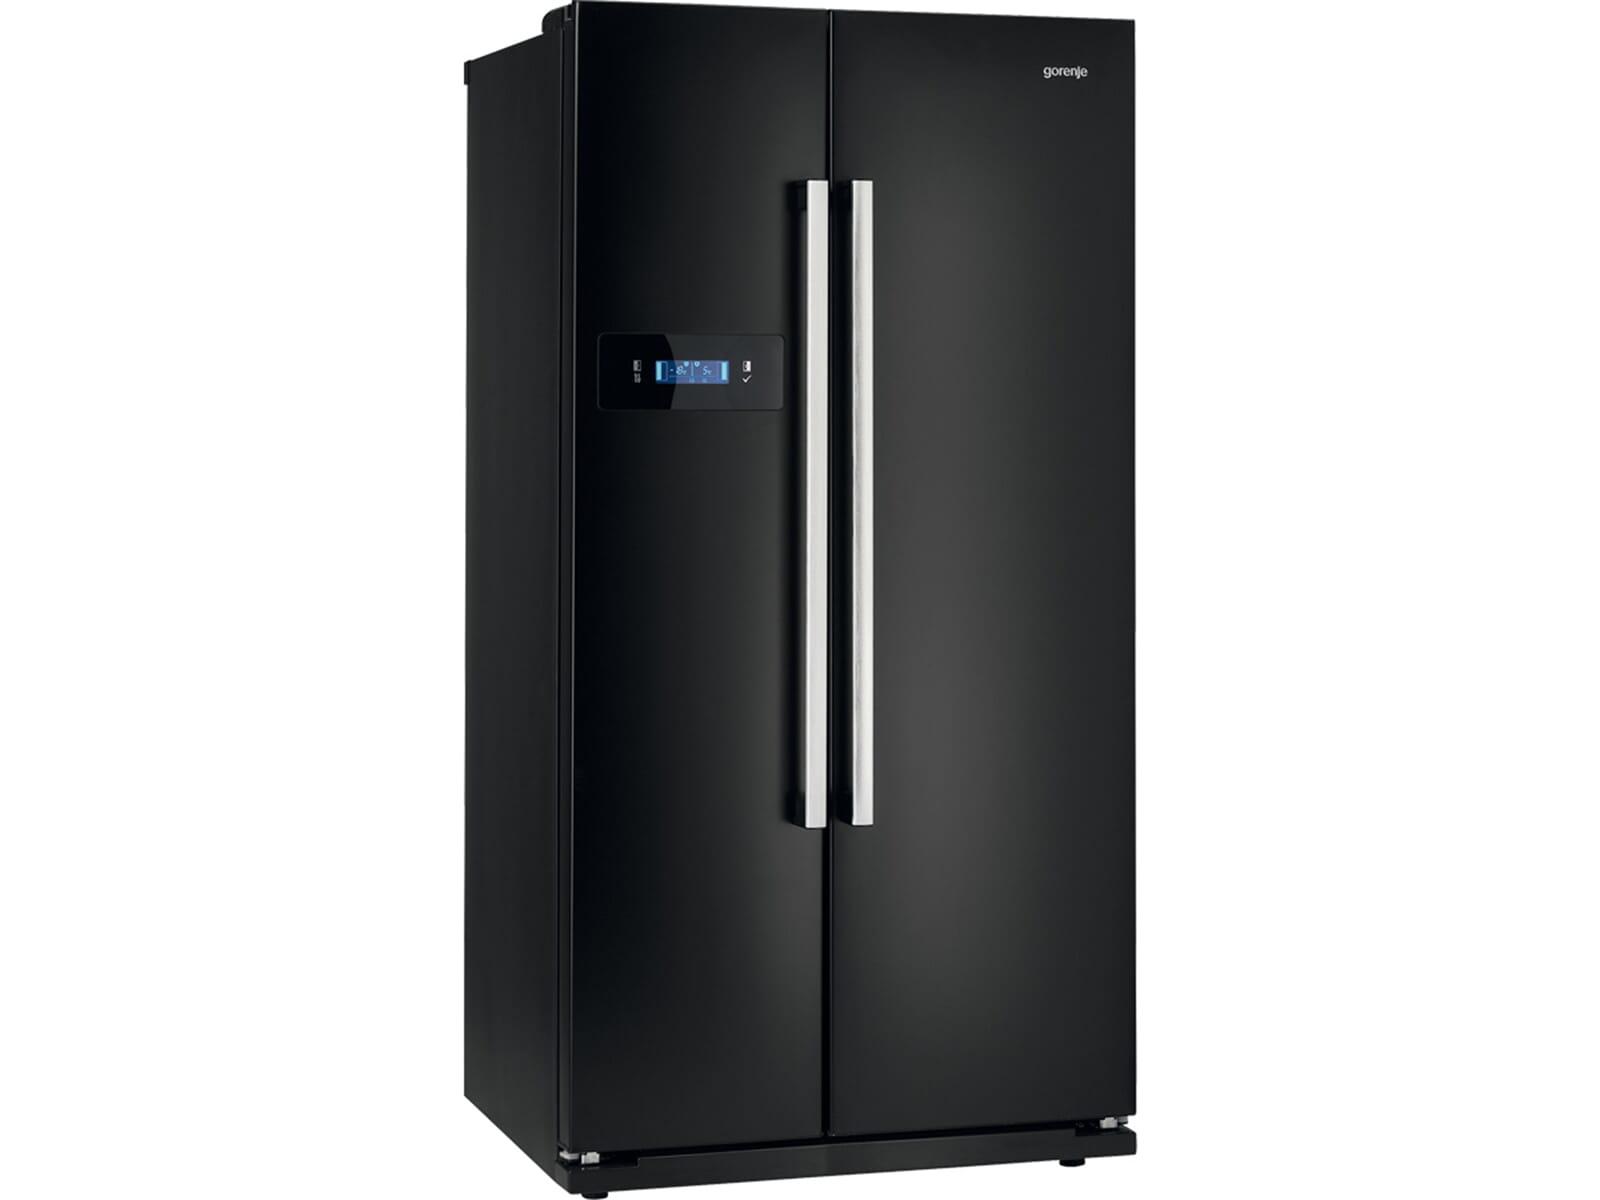 Gorenje Kühlschrank Gebrauchsanweisung : Gorenje bedienungsanleitung gorenje du e dunstabzugshaube